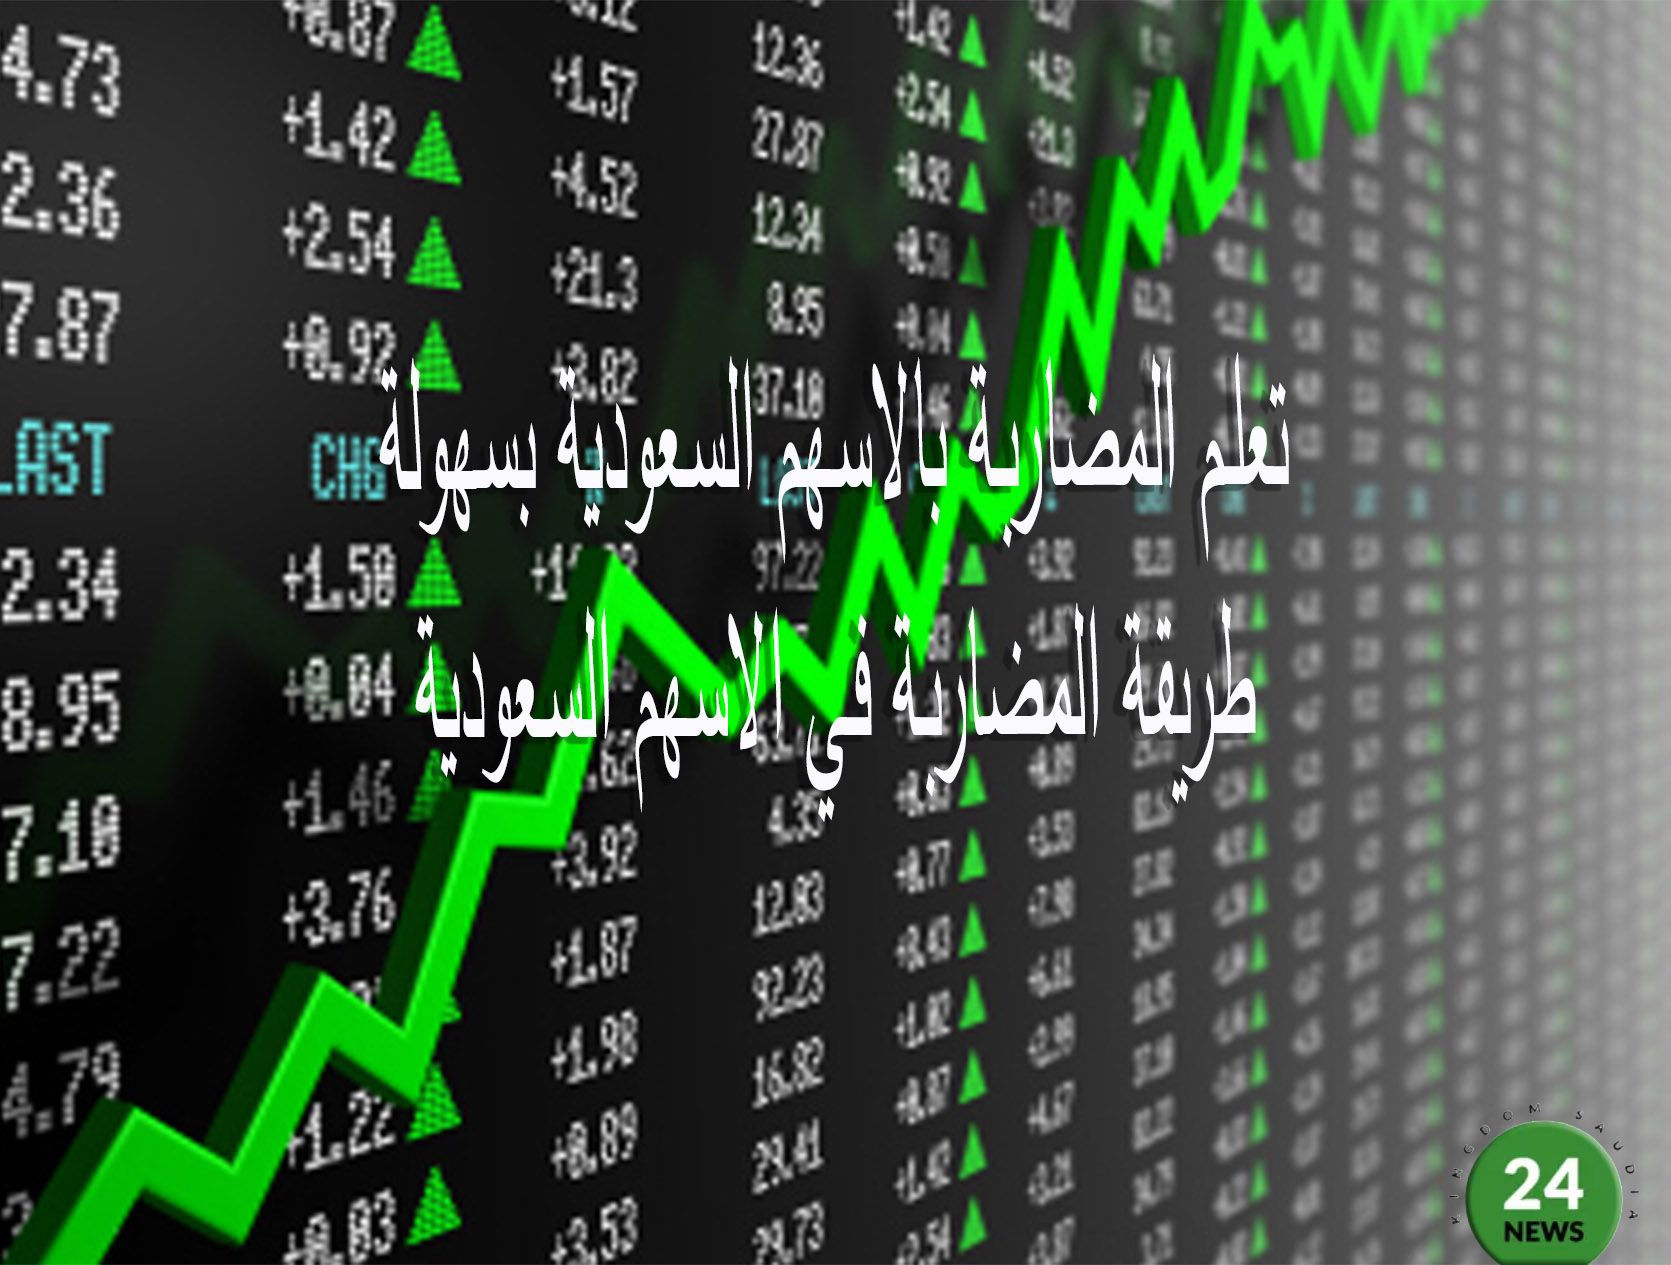 تعلم المضاربة بالاسهم السعودية بسهولة طريقة المضاربة في الاسهم السعودية Blog Posts Blog Post